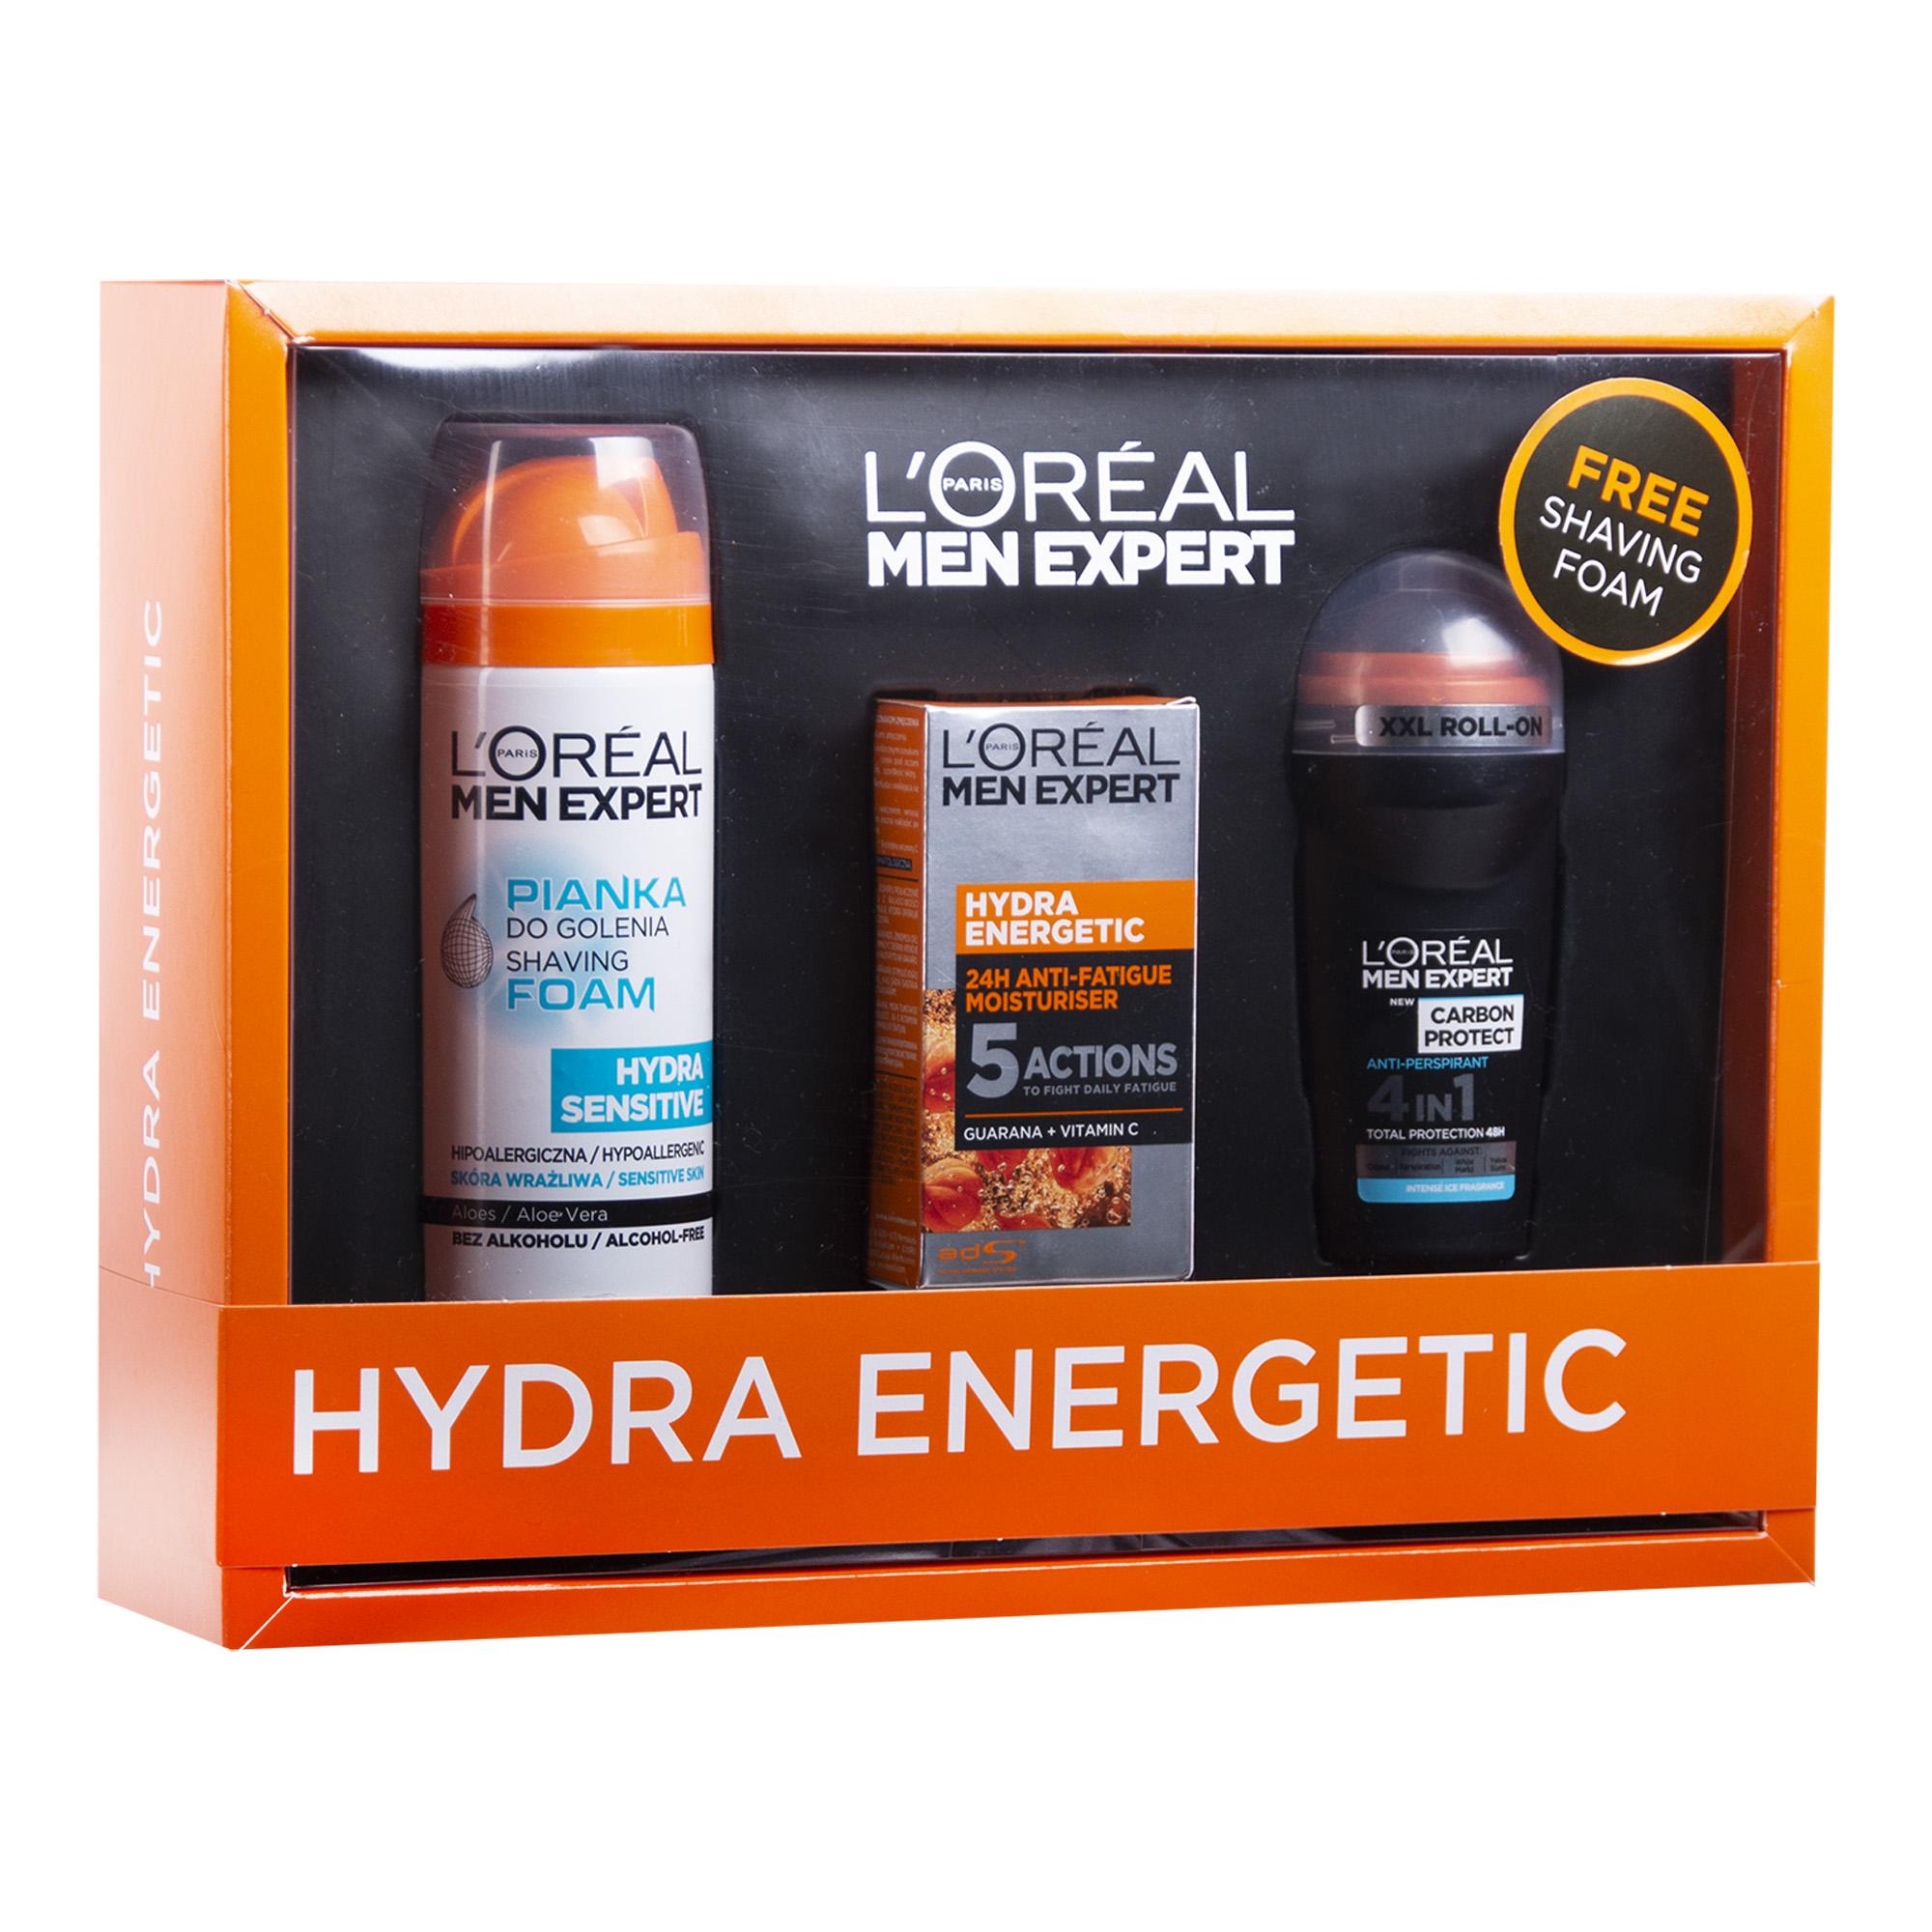 4470c966d0c Men Expert Hydra Energetic kinkepakk - Komplektid ja kingitused - Ilu